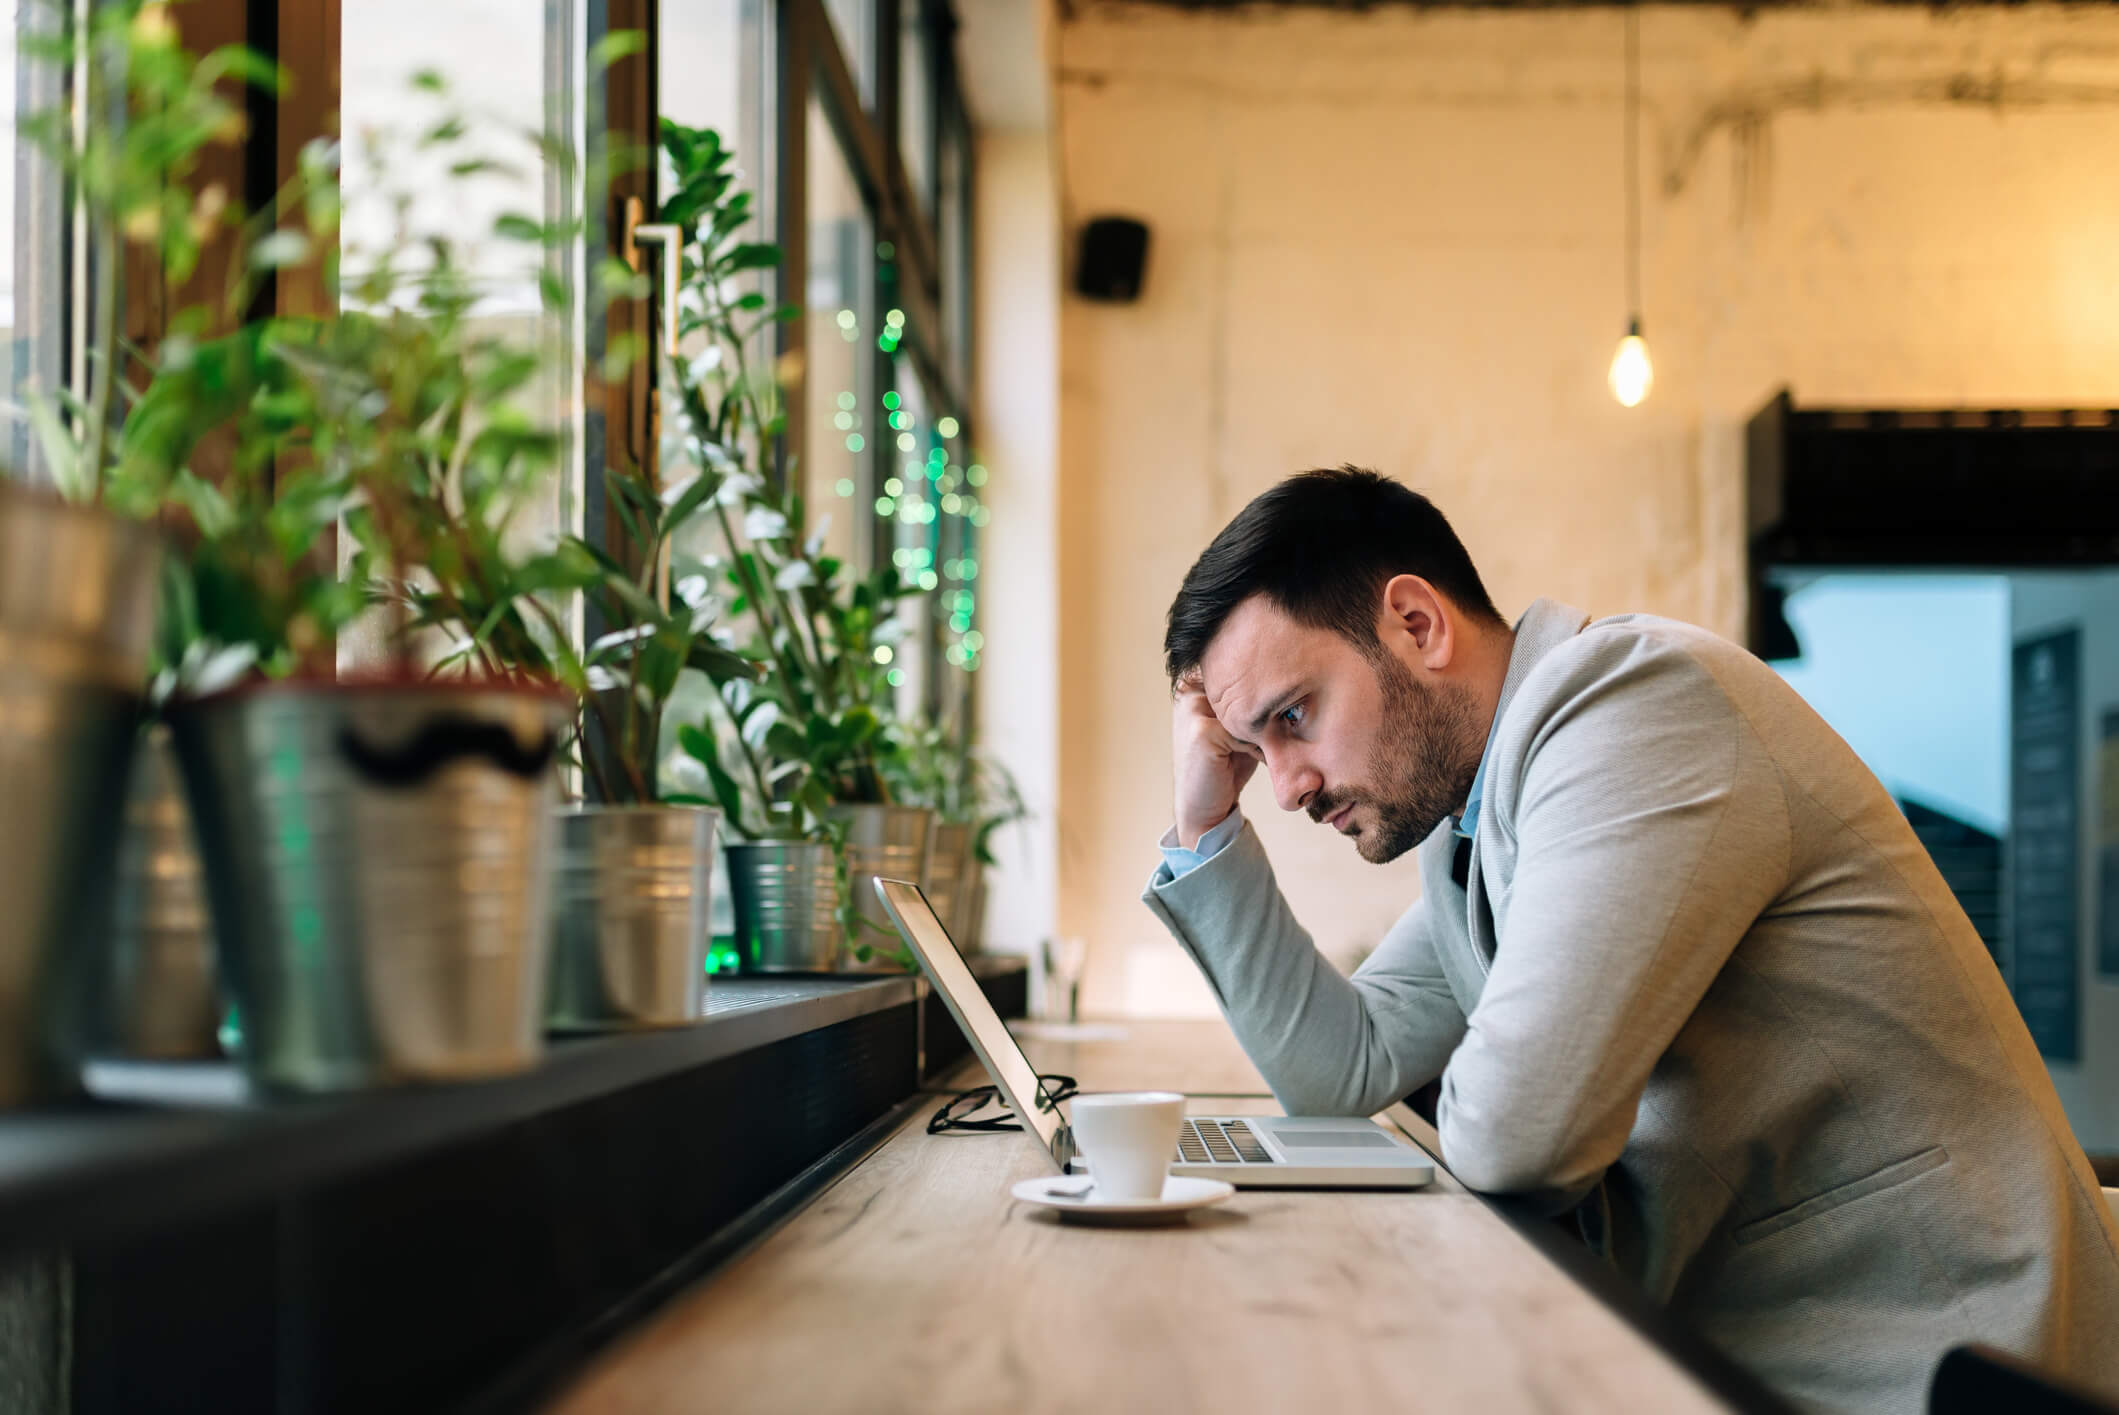 7 erros mais comuns em projetos de TI e 3 formas de evitá-los